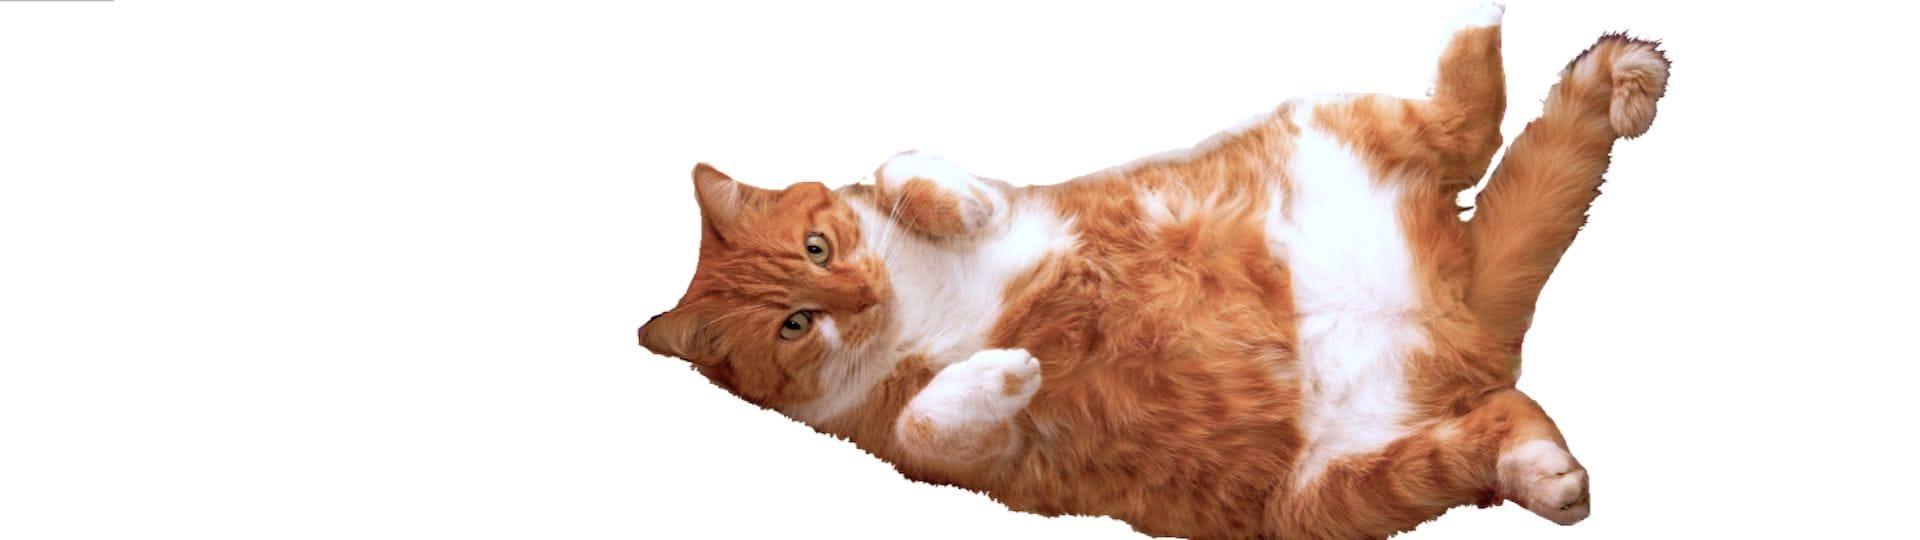 Är din katt överviktig